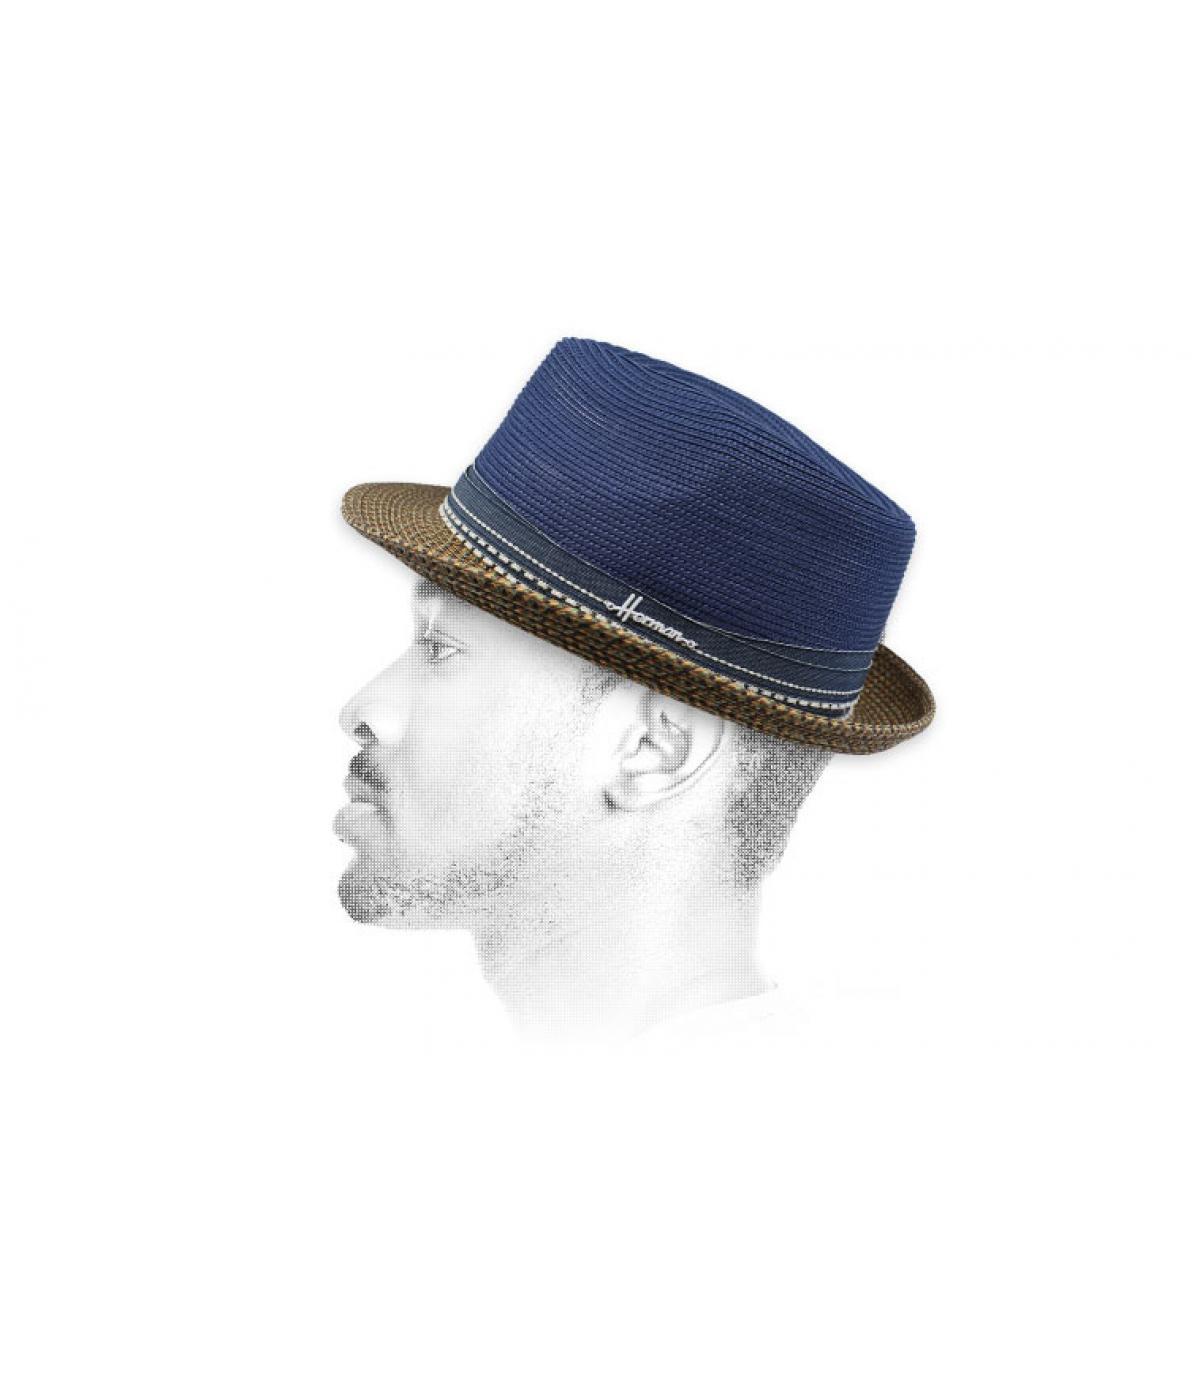 waterafstotende blauwe hoed